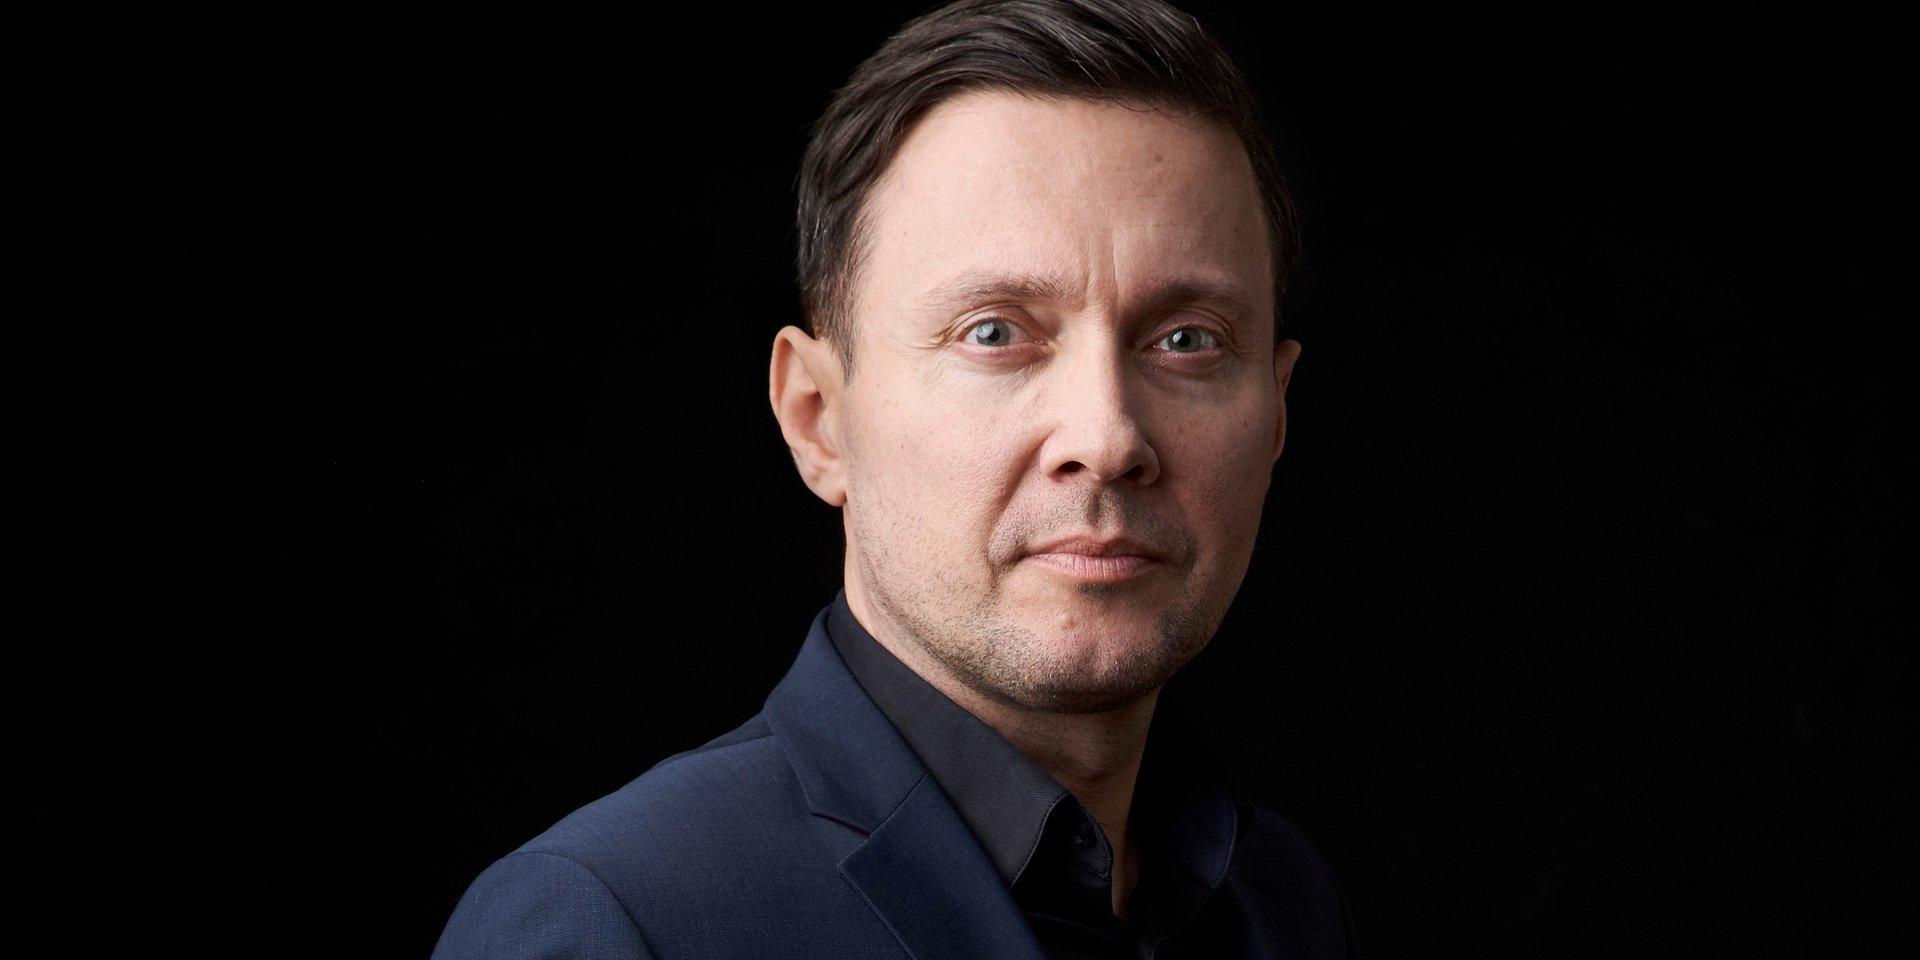 biznes, zarządzanie: Tomasz Gordon